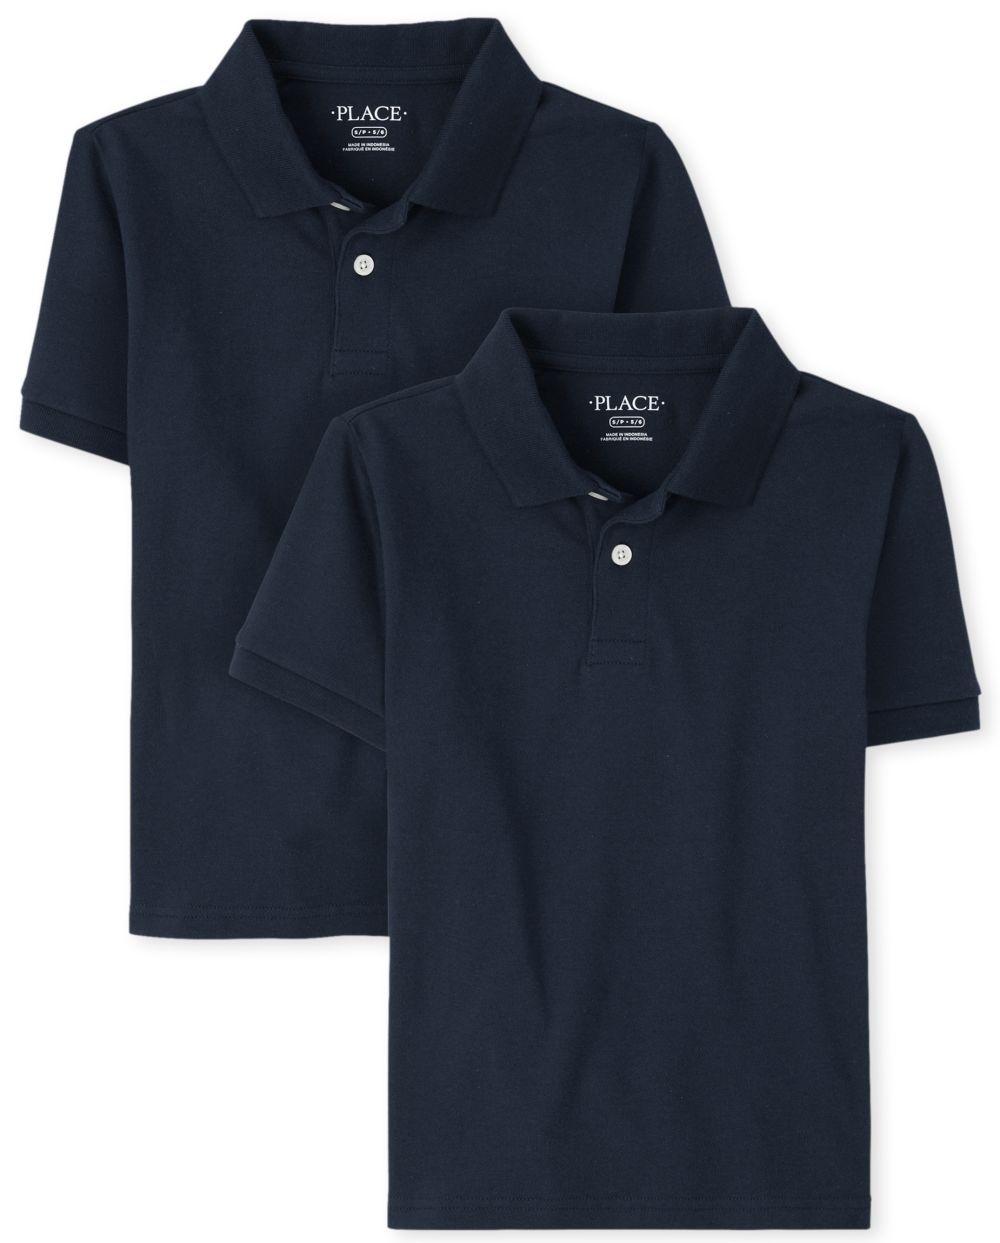 Conjunto de 2 polos de jersey de uniforme para niños